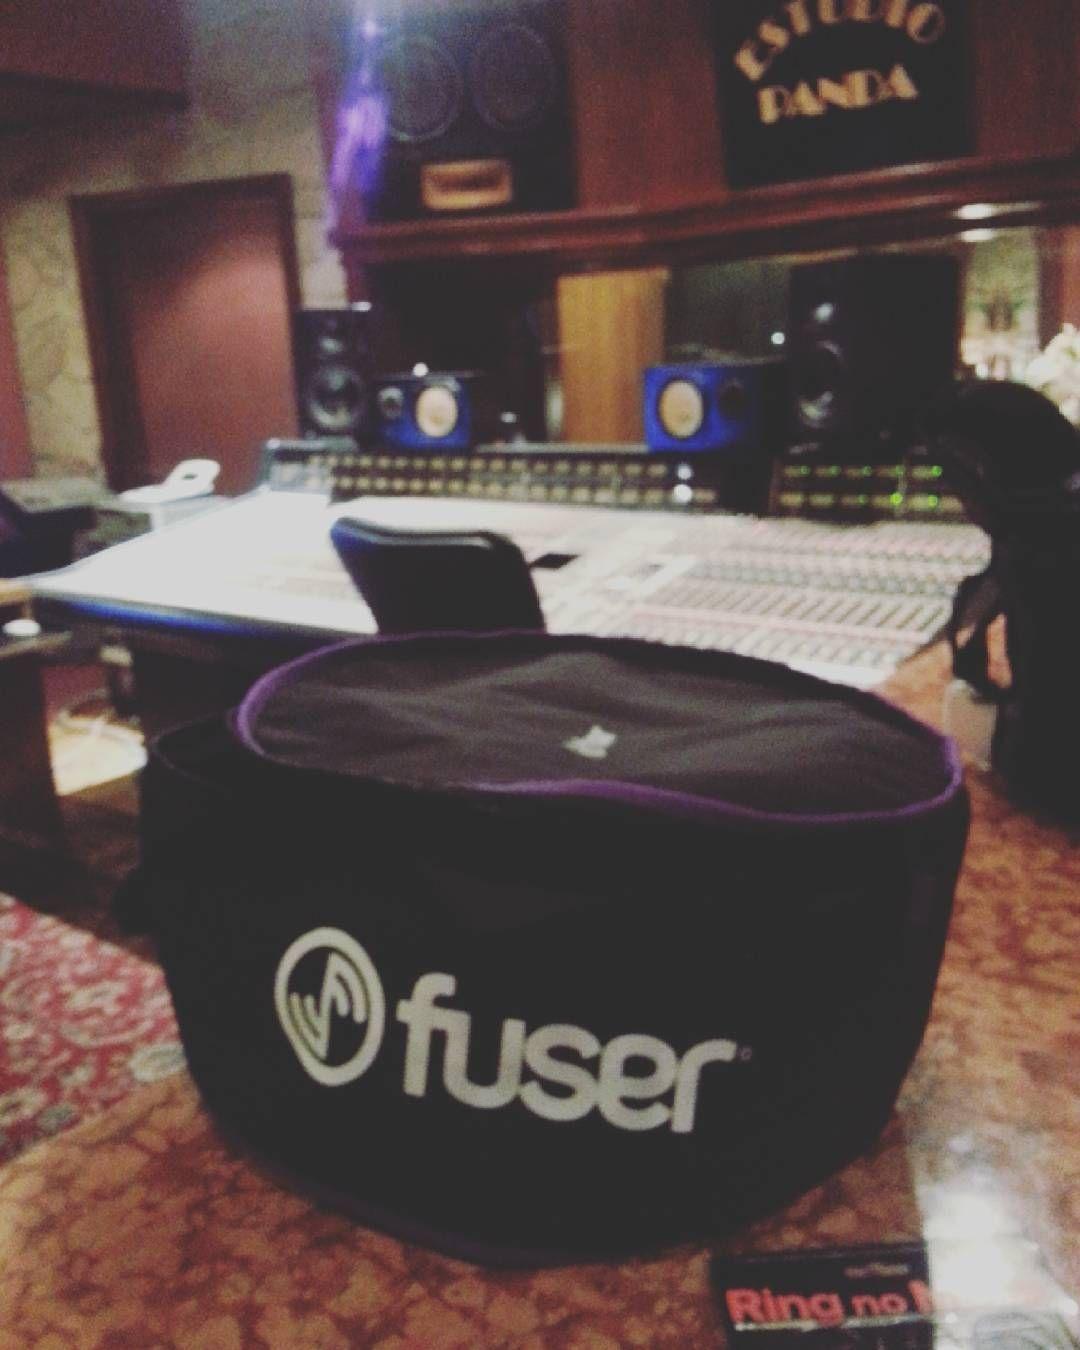 Arrancamos dos dias de grabación en el gran Estudio Panda con el Abel.  #stc #drumdoctor #fuser #seminariodedrumdoctor @zildjianusa @solidrums_argentina @dbdrums_ok @nicooruga  #rec  #drumporn #recording by sebastiantanocavalletti